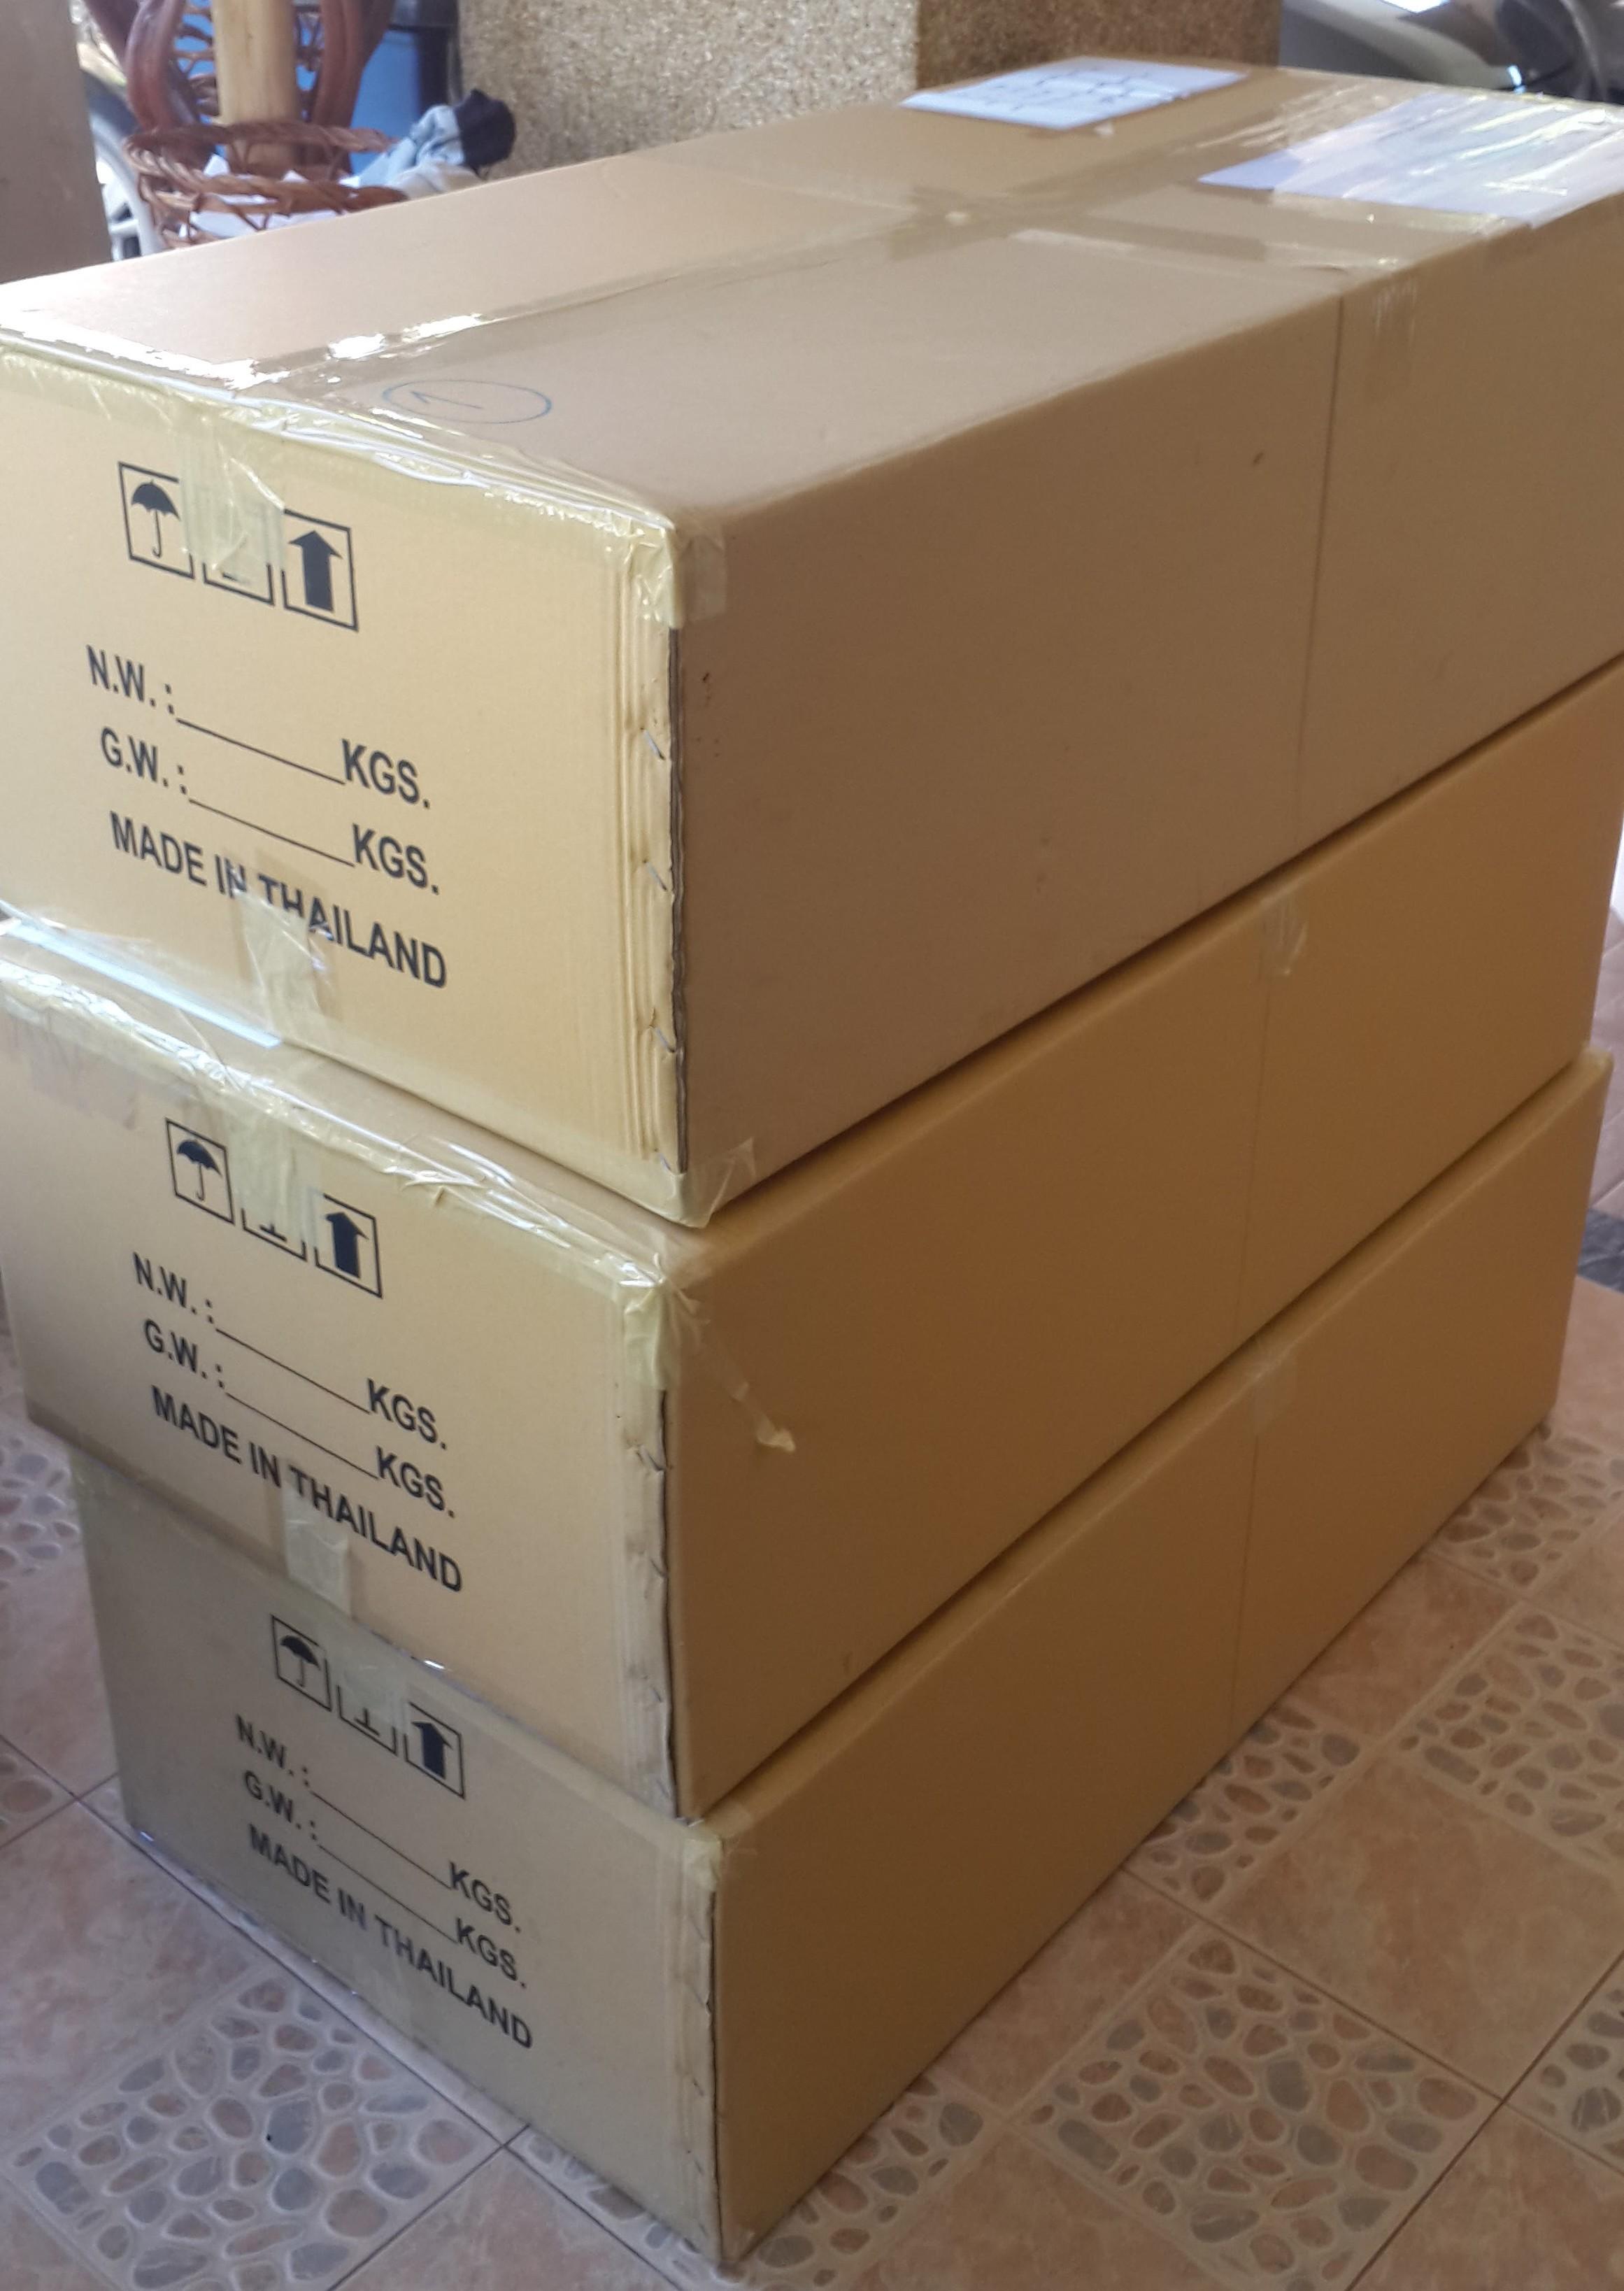 Georgia shipment